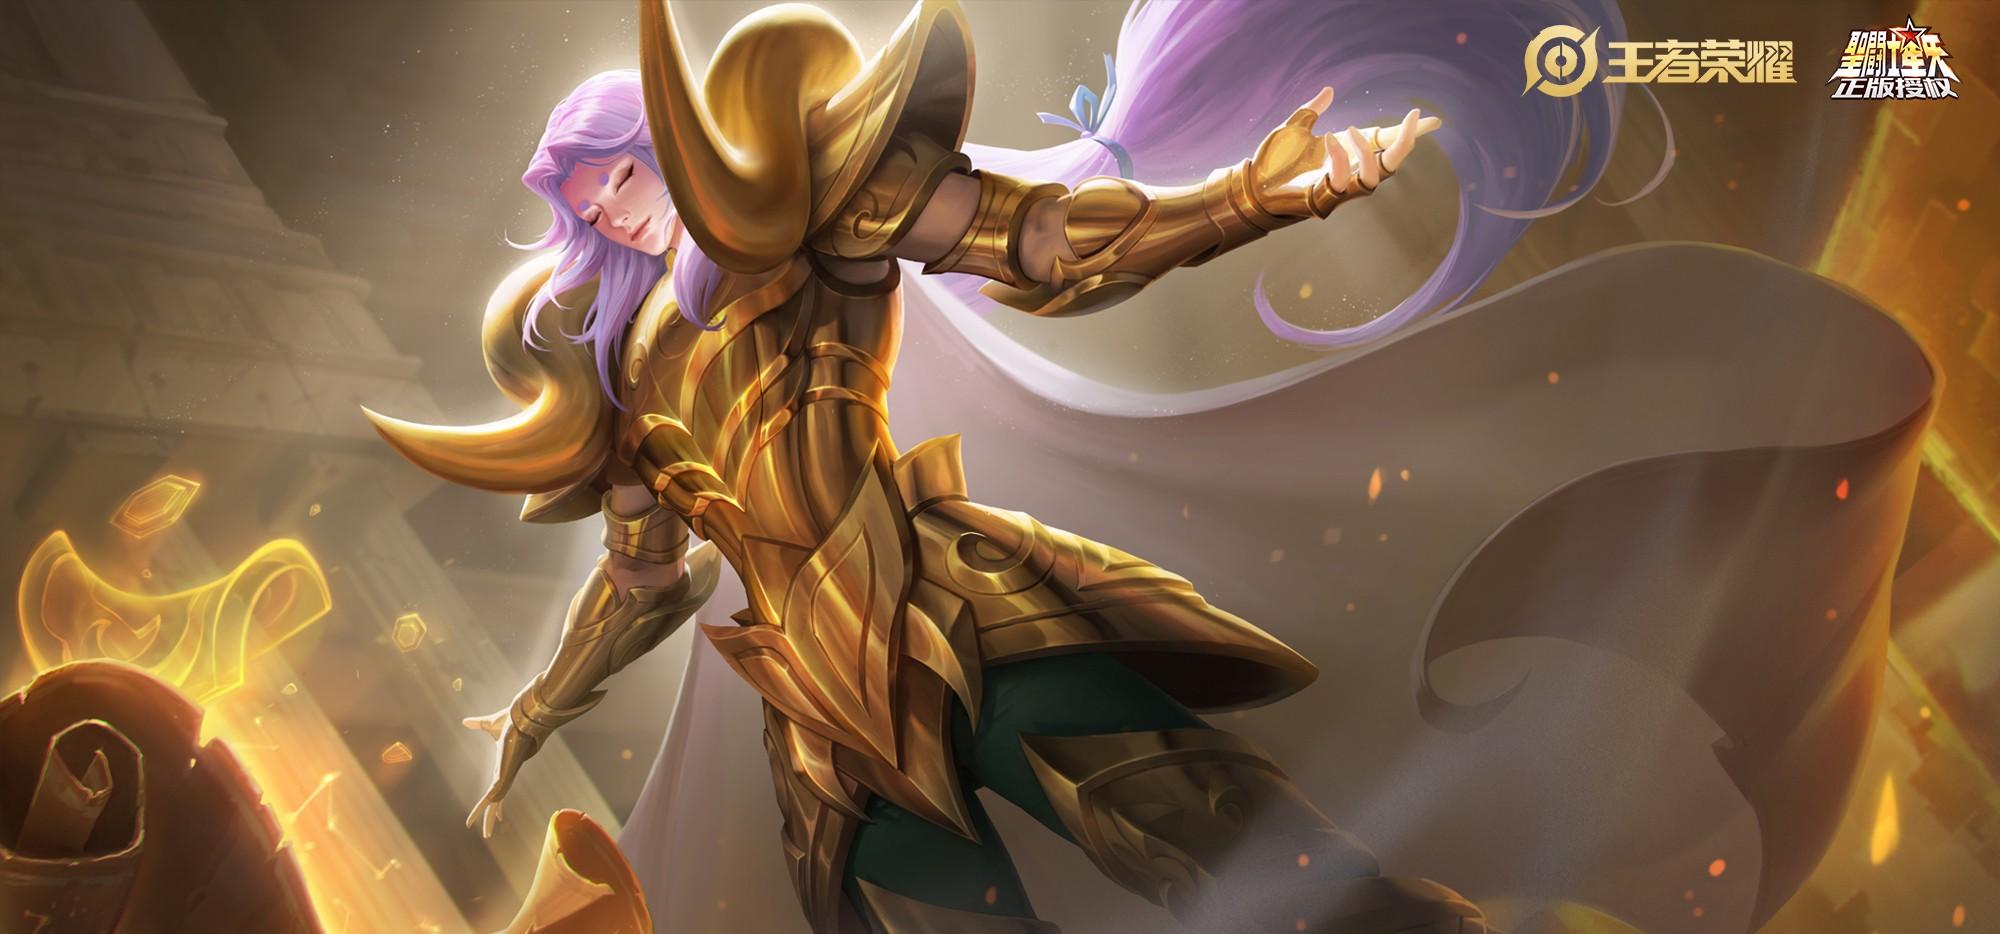 【王者榮耀】新皮膚爆料丨一個技能三種形態,猜猜這位圣斗士是誰?